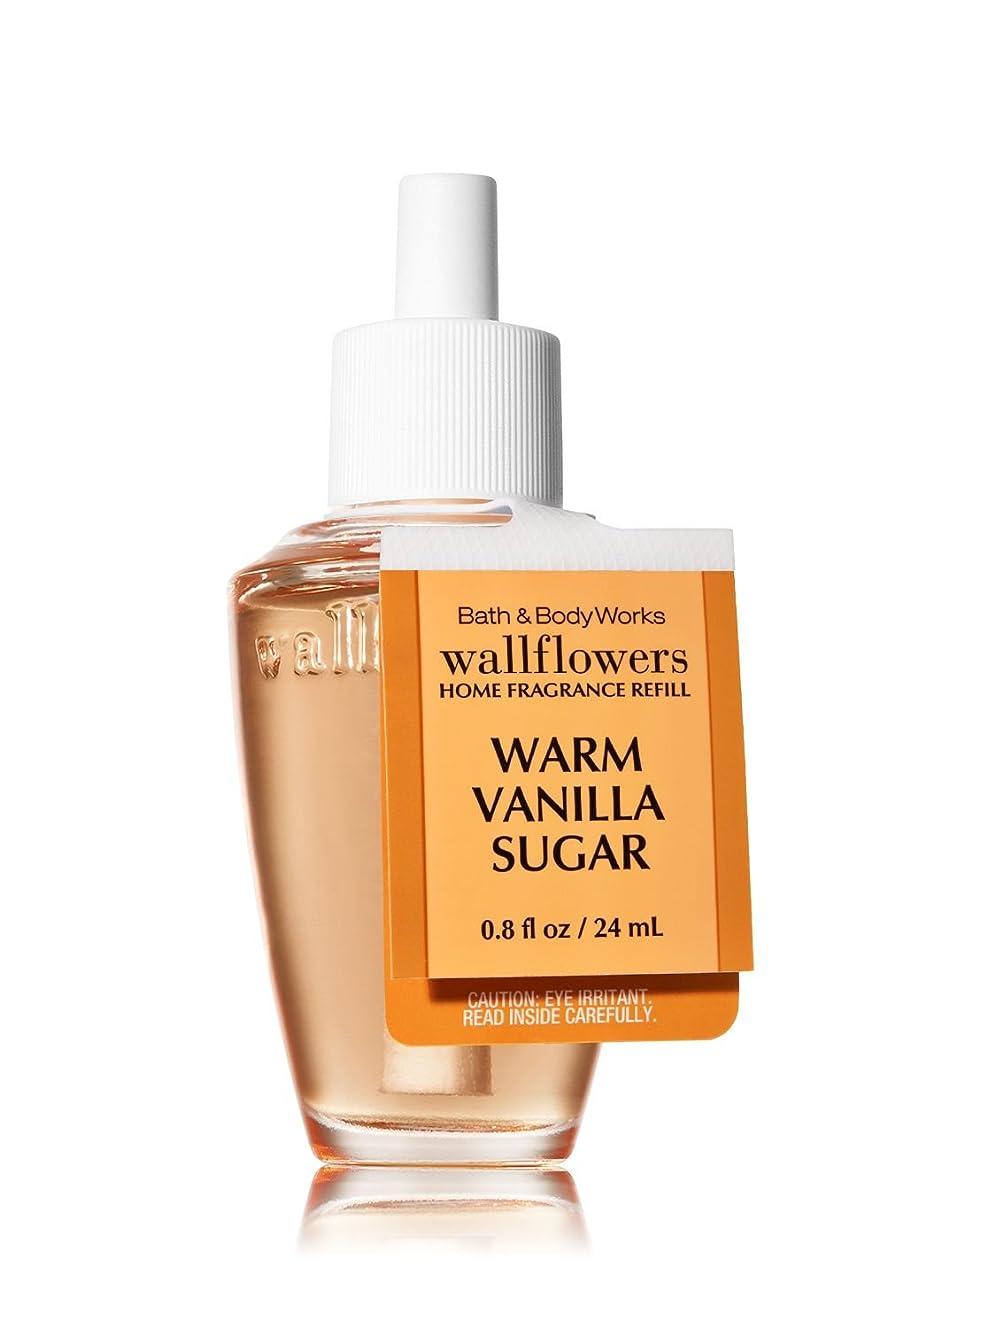 無駄なハイランド雹【Bath&Body Works/バス&ボディワークス】 ルームフレグランス 詰替えリフィル ウォームバニラシュガー Wallflowers Home Fragrance Refill Warm Vanilla Sugar [並行輸入品]